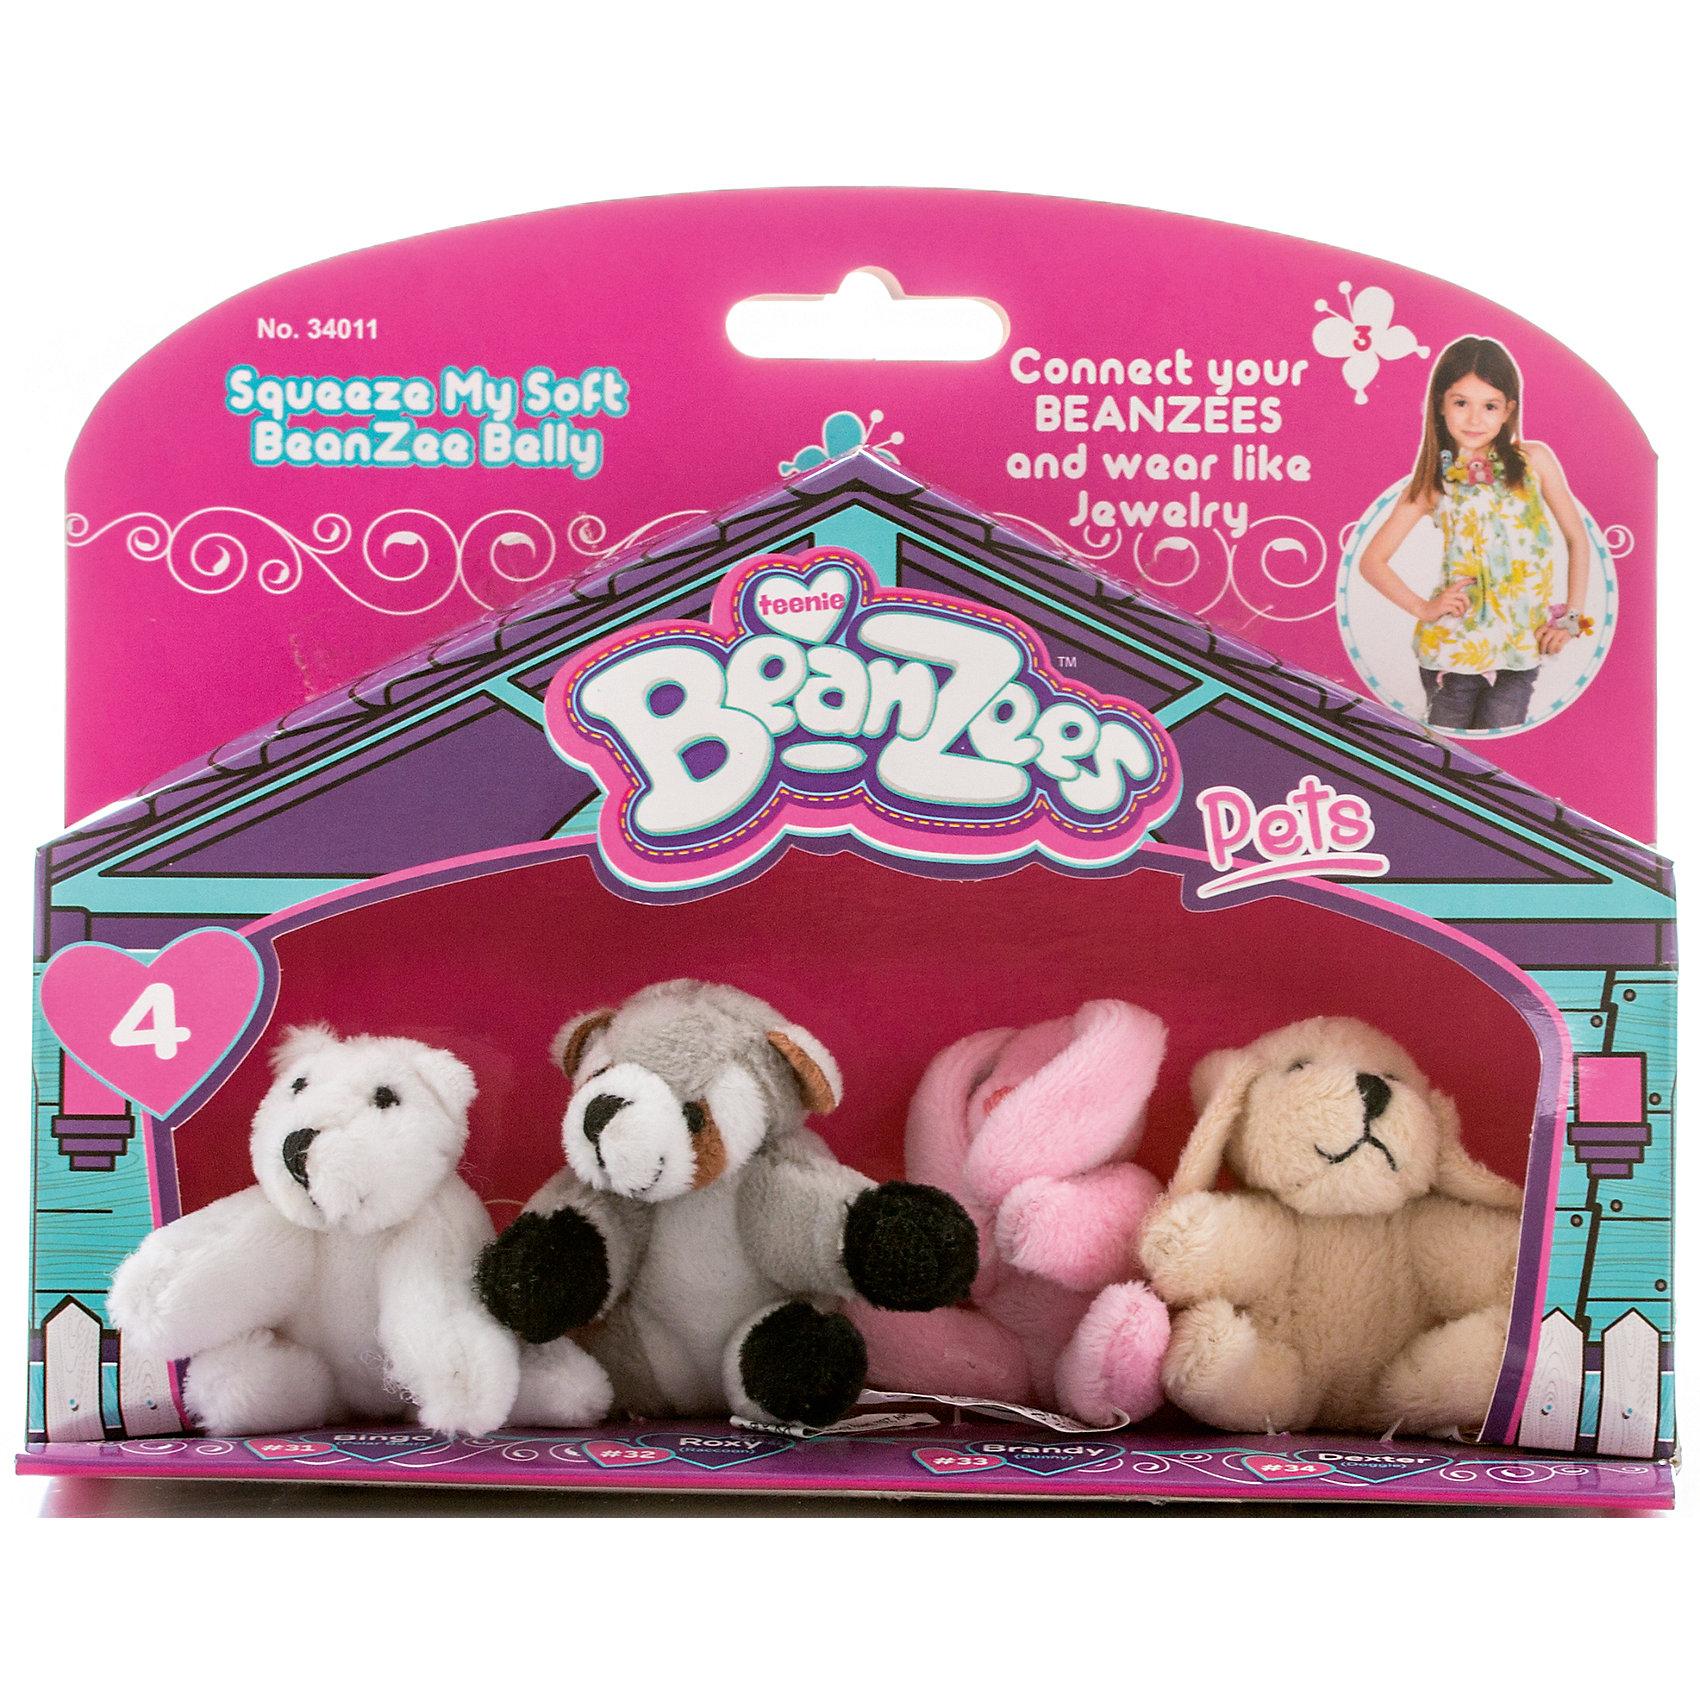 Мини-плюш в наборе Медведь, Енот, Кролик, Песик, BeanzeezХарактеристики товара:<br><br>- цвет: разноцветный;<br>- материал: текстиль;<br>- комплектация: 4 фигурки животных;<br>- особенности: наличие на лапках липучек, игрушку можно соединять с другими героями из серии;<br>- живот заполнен гранулами;<br>- размер упаковки: 5х15х19 см;<br>- упаковка: блистер;<br>- вес: 100 г.<br><br>Такая симпатичная игрушка не оставит ребенка равнодушным! Какой малыш откажется поиграть с маленькими плюшевыми игрушками из большой пушистой коллекции?! Игрушки очень качественно выполнены, поэтому такой набор станет отличным подарком ребенку. В наборе идет четыре плюшевых фигурки животных. С ними можно придумать множество сюжетов, разыгрывая которые, ребенок развивает мелкую моторику, воображение и творческое мышление.<br>Изделие произведено из высококачественного материала, безопасного для детей.<br><br>Мини-плюш в наборе Медведь, Енот, Кролик, Песик от бренда Beanzeez можно купить в нашем интернет-магазине.<br><br>Ширина мм: 50<br>Глубина мм: 150<br>Высота мм: 190<br>Вес г: 93<br>Возраст от месяцев: 36<br>Возраст до месяцев: 2147483647<br>Пол: Женский<br>Возраст: Детский<br>SKU: 5039895